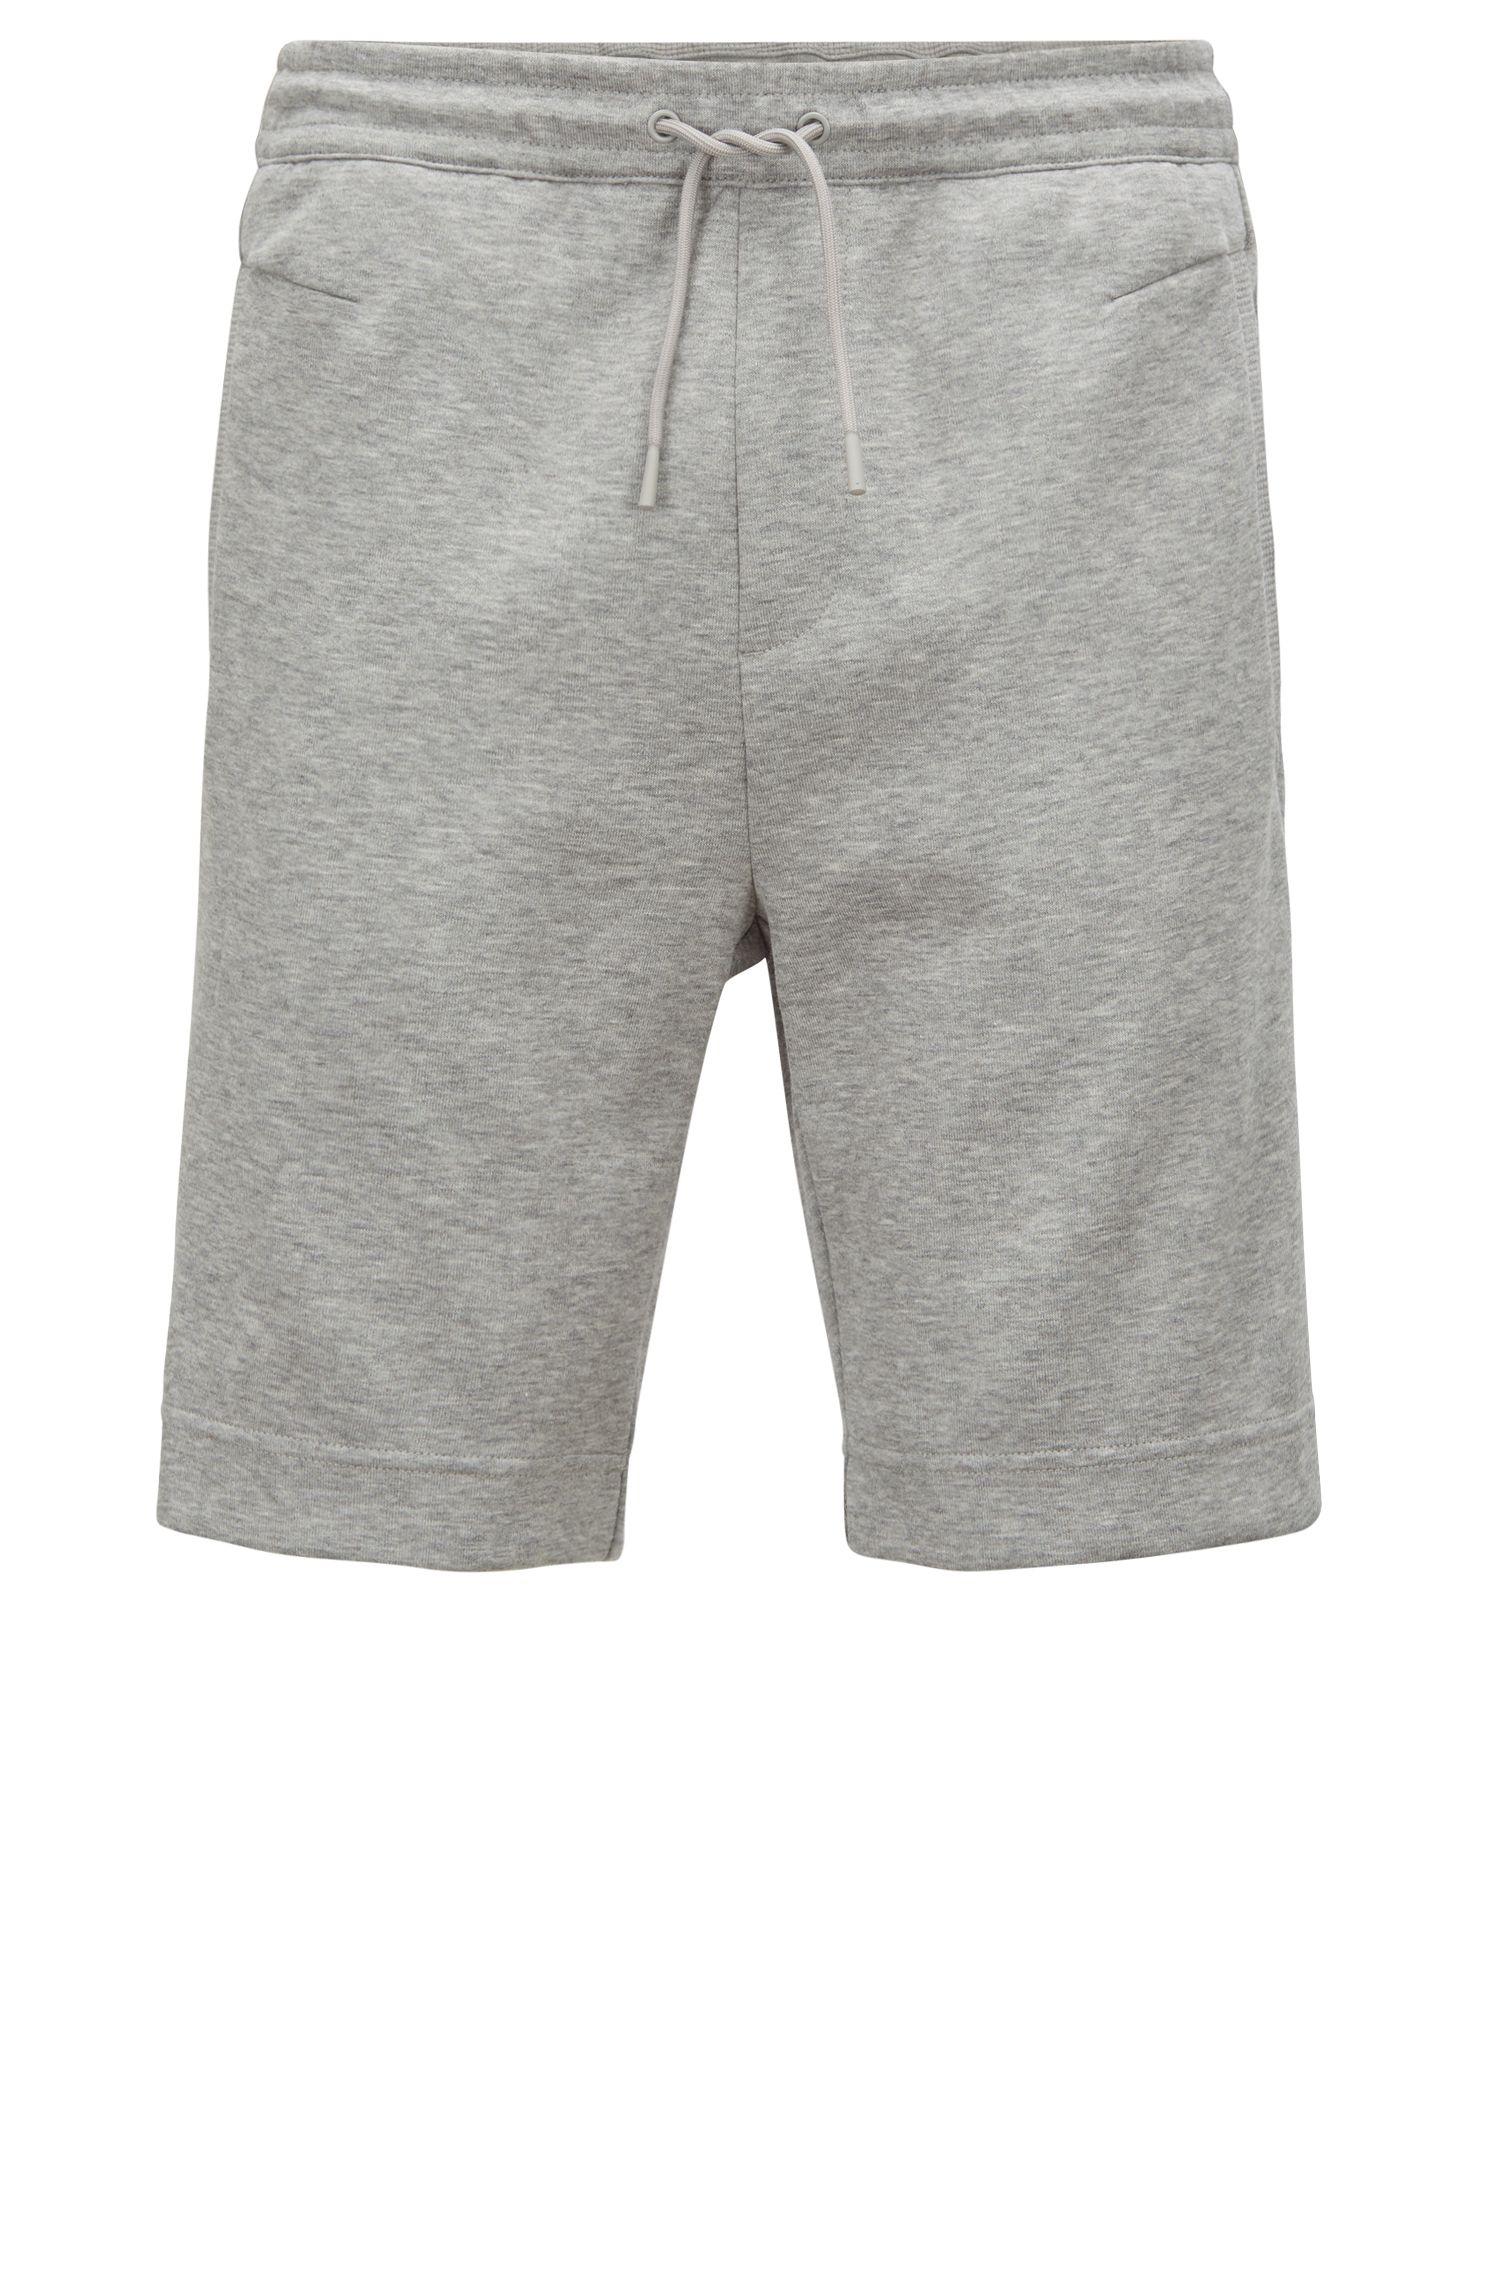 Pantaloncini slim fit in misto cotone con logo bicolore ricamato, Grigio chiaro